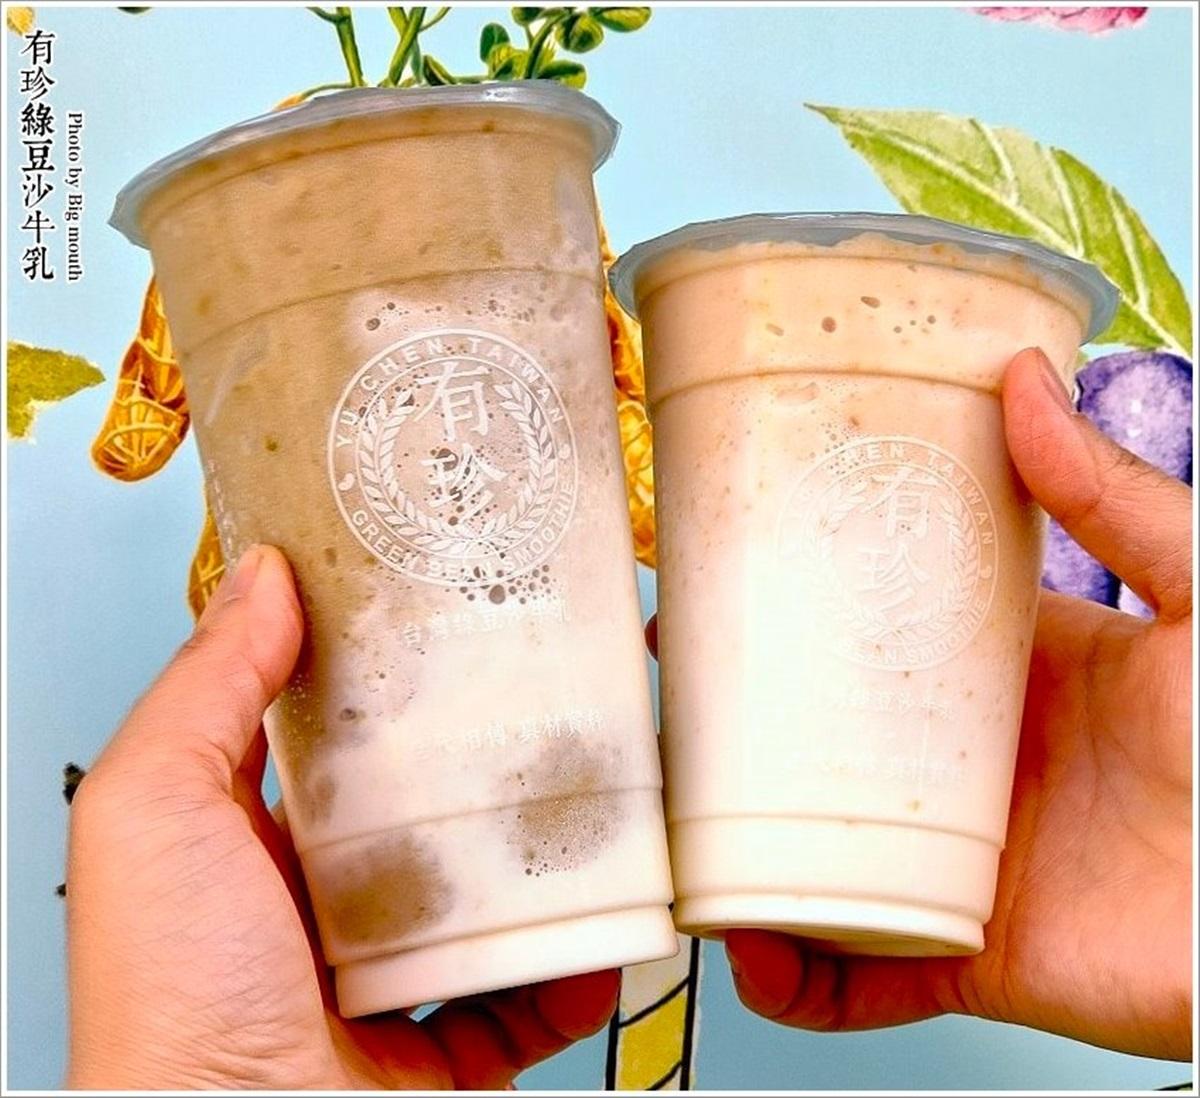 台中捷運綠線吃一波!8家人氣百元小吃:排隊花生牛乳、59元爆汁湯包、三角蘿蔔絲包